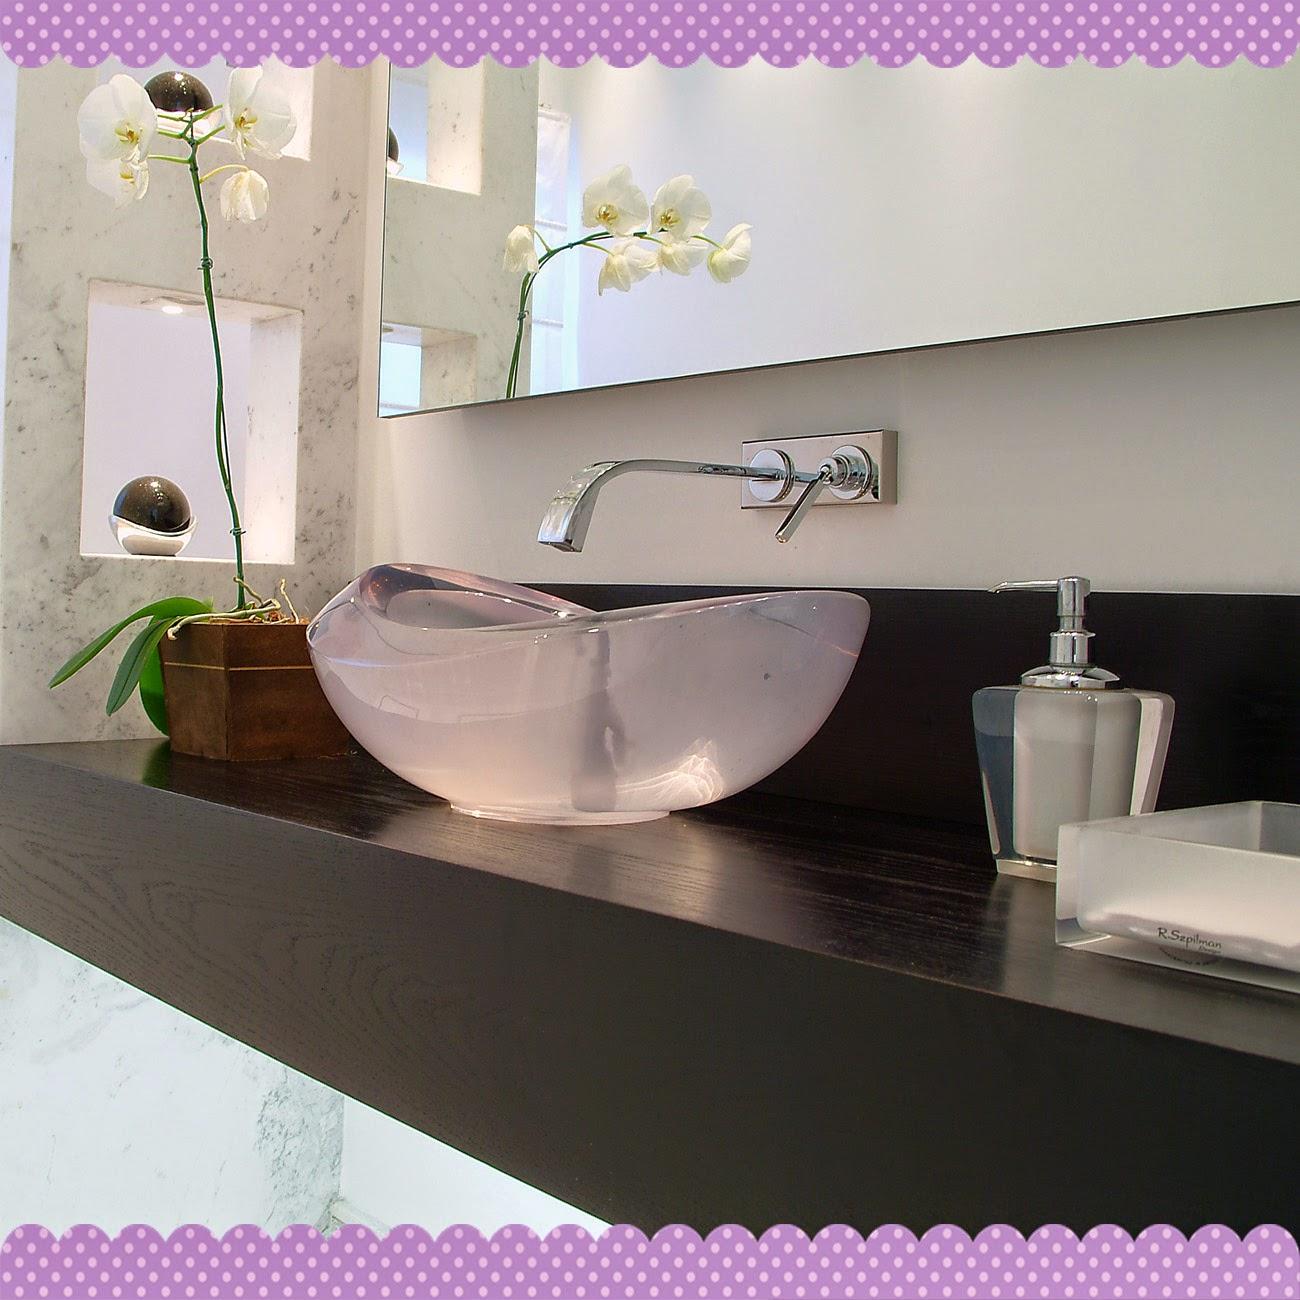 Uma Casa com Amor: 20 Idéias de Prateleiras e nichos para banheiro #416229 1300 1300